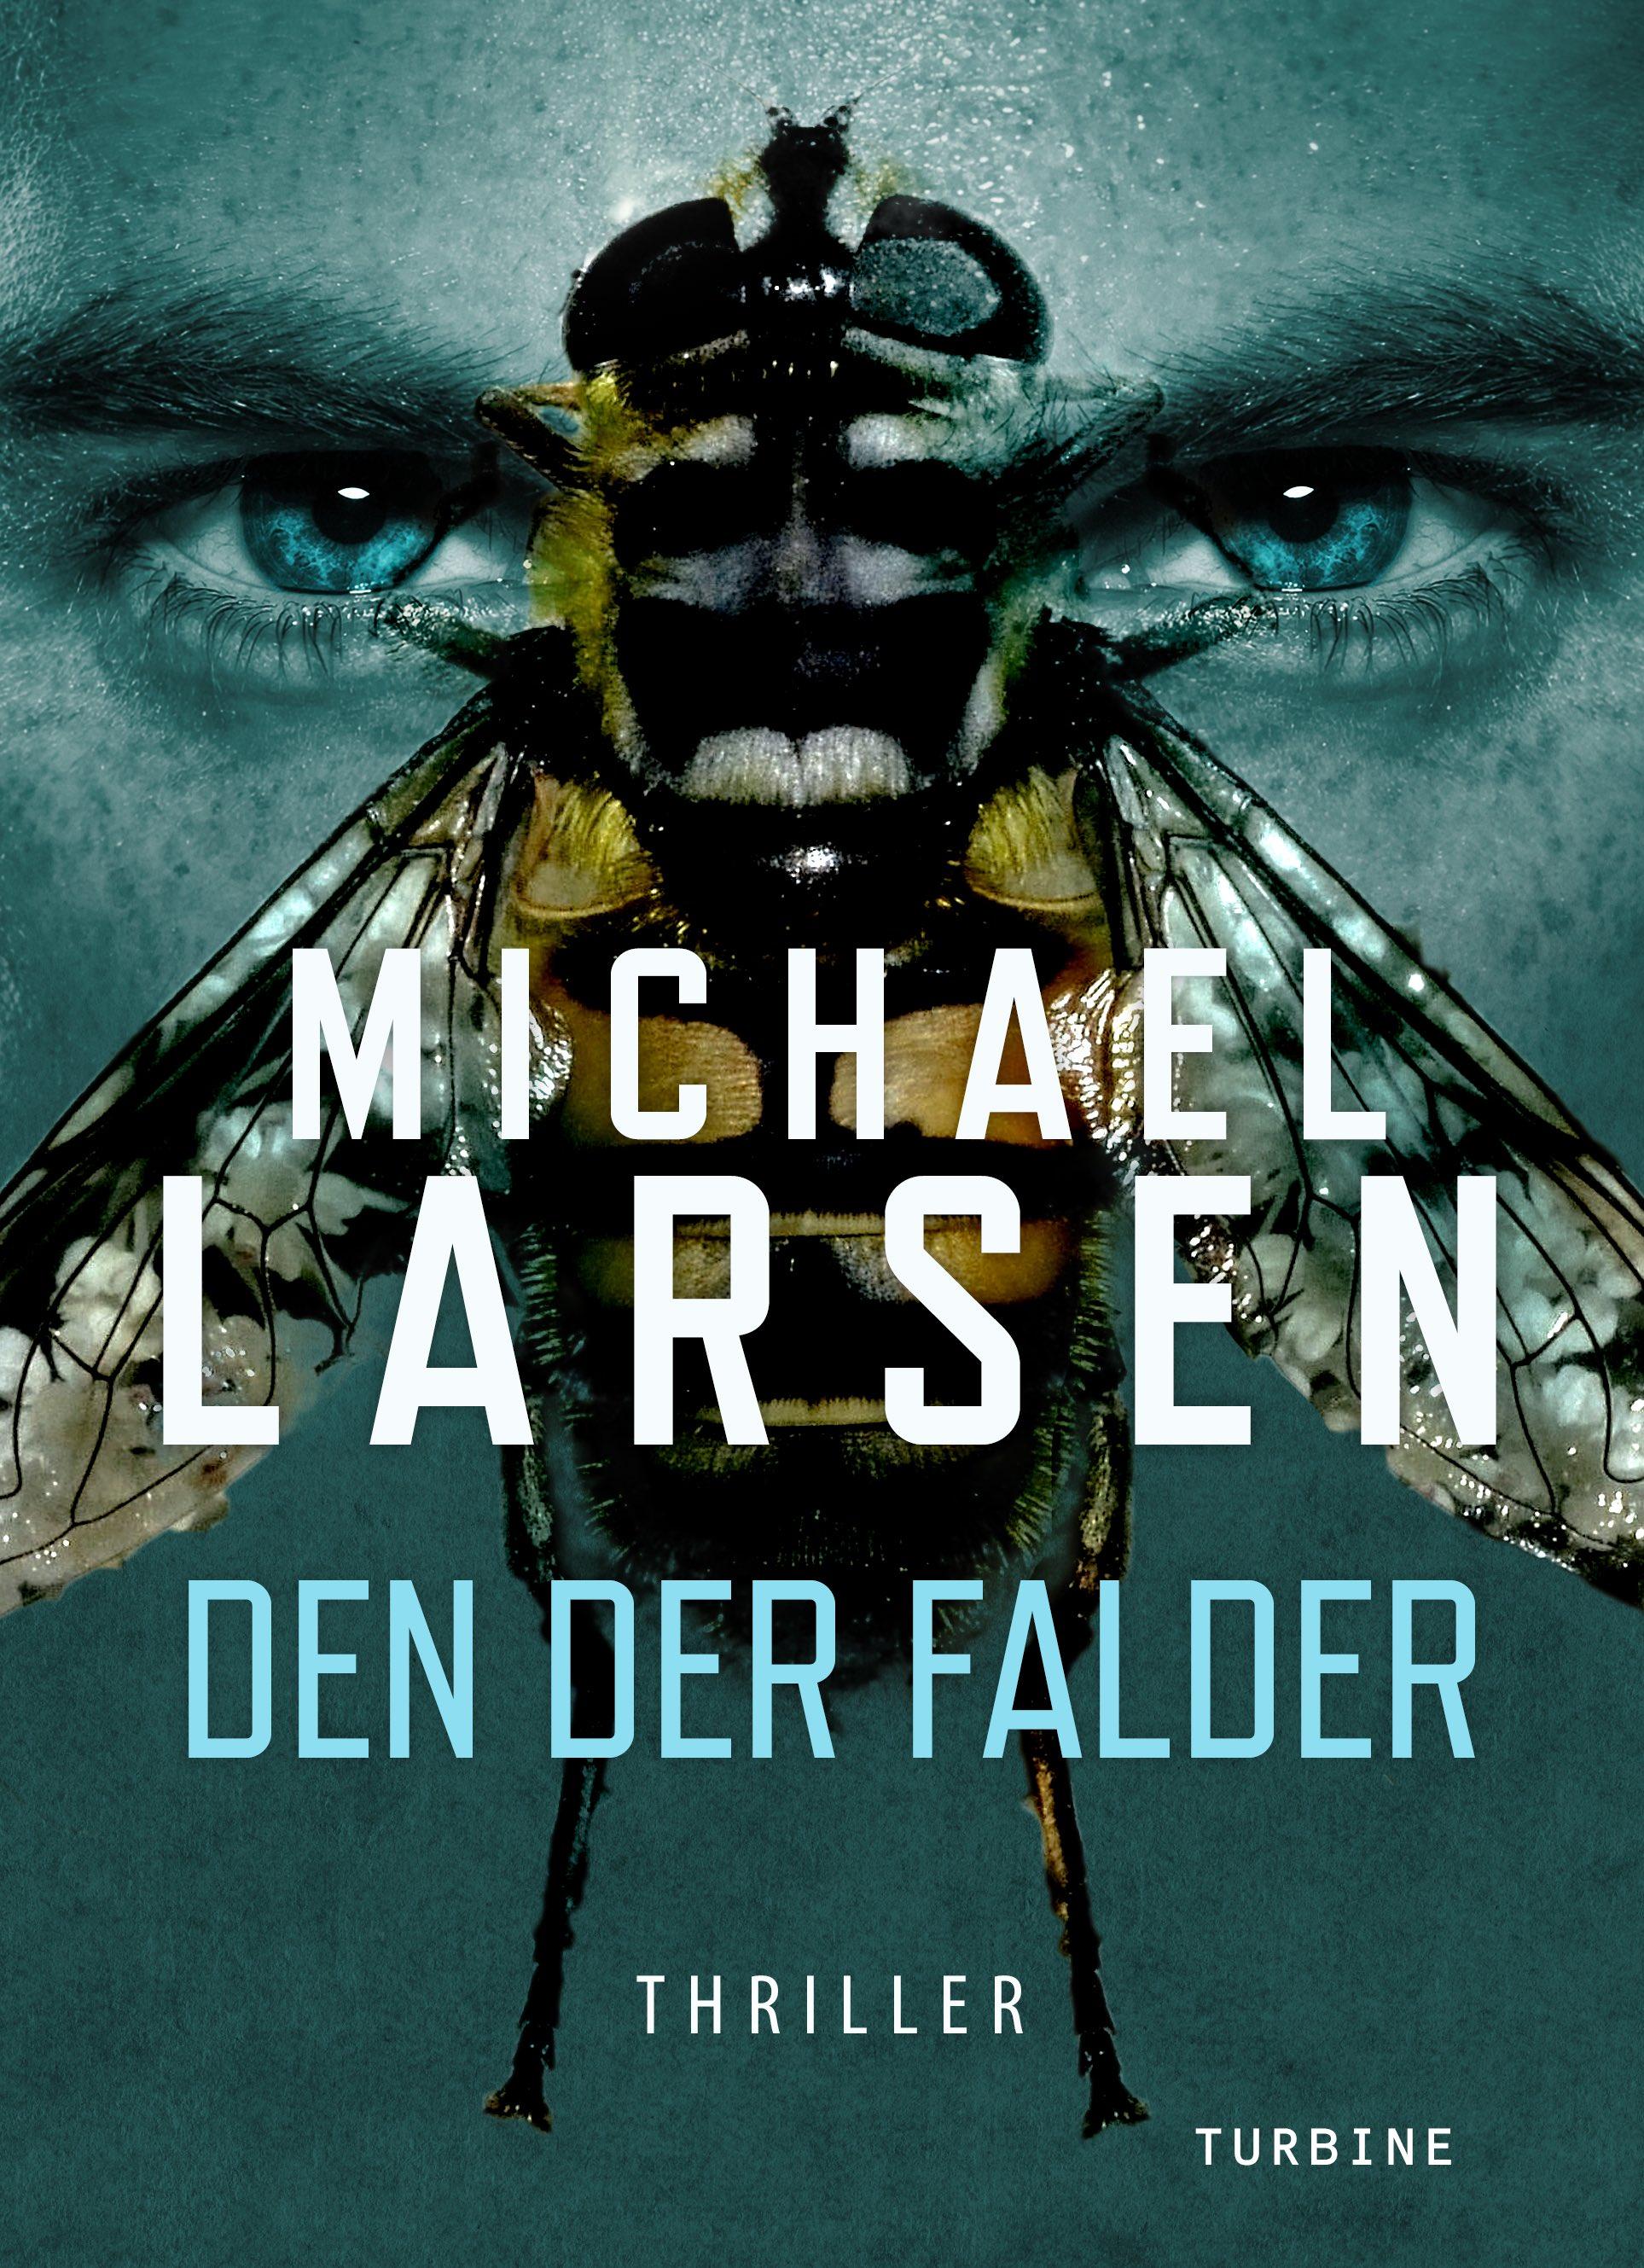 Den der falder - Michael Larsen - Bøger - Turbine - 9788740621723 - 18/3-2020